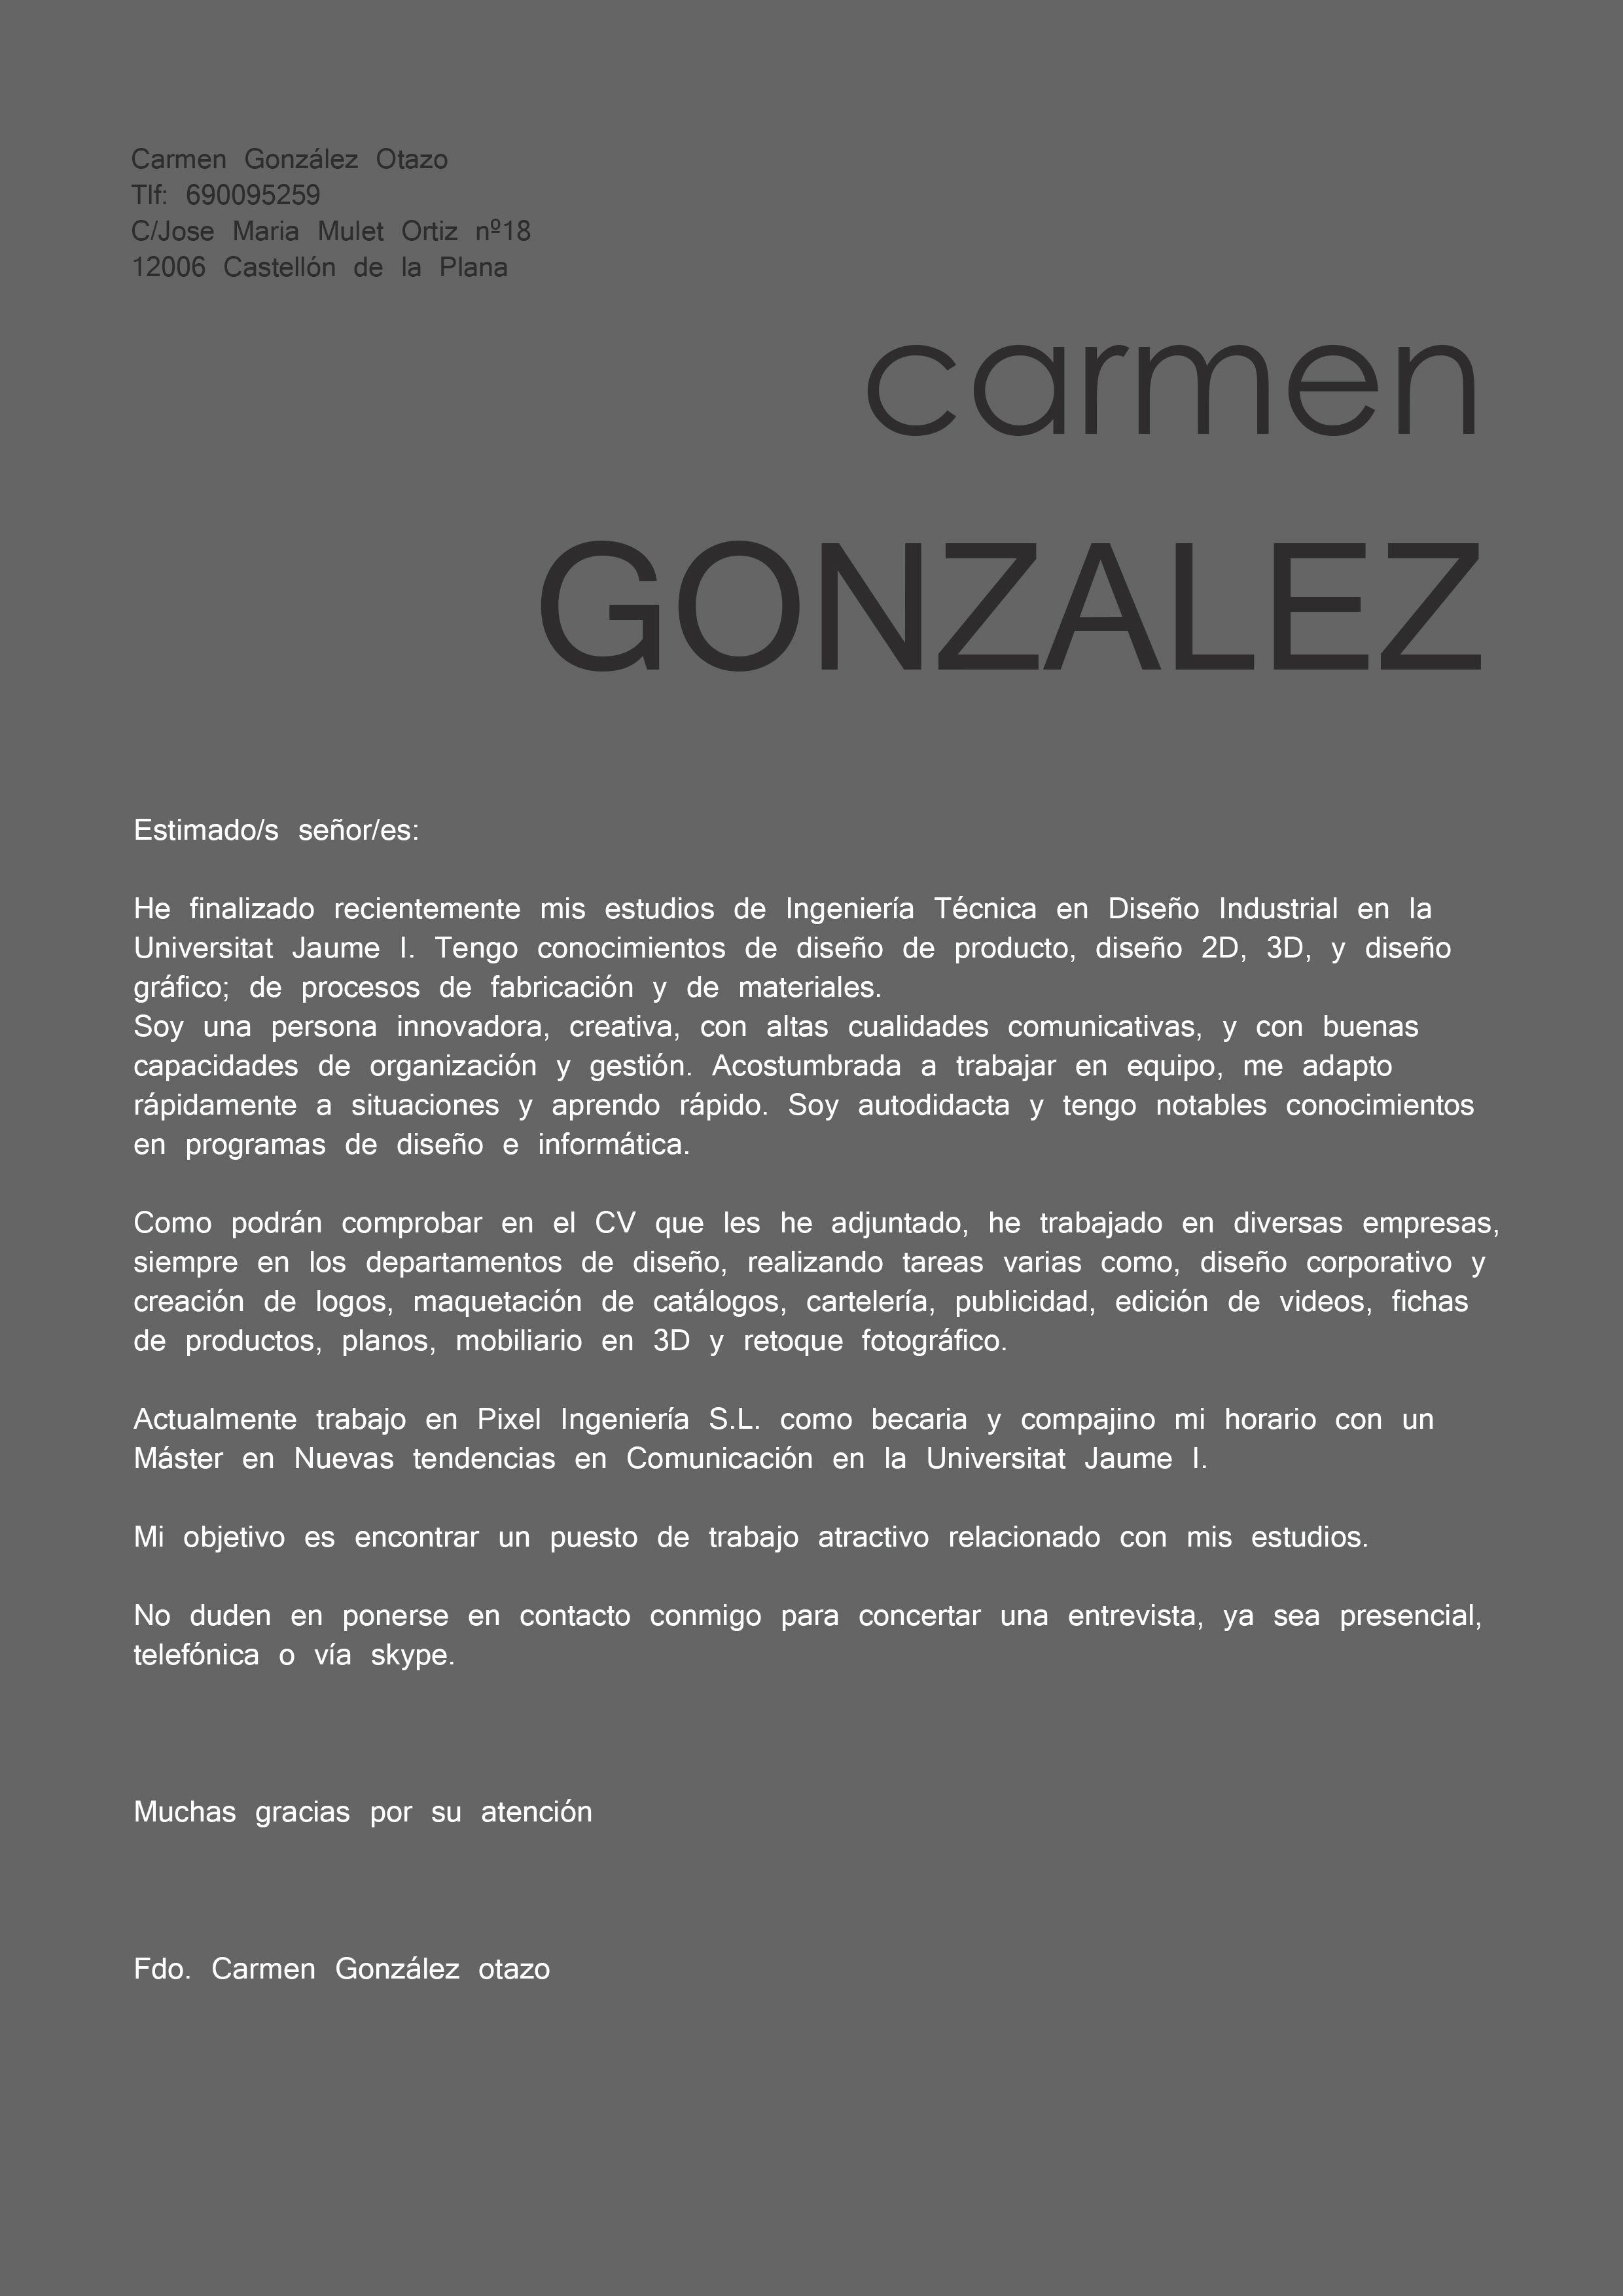 Nueva carta de presentación | Empleo 2.0. Cartas y tarjetas de ...